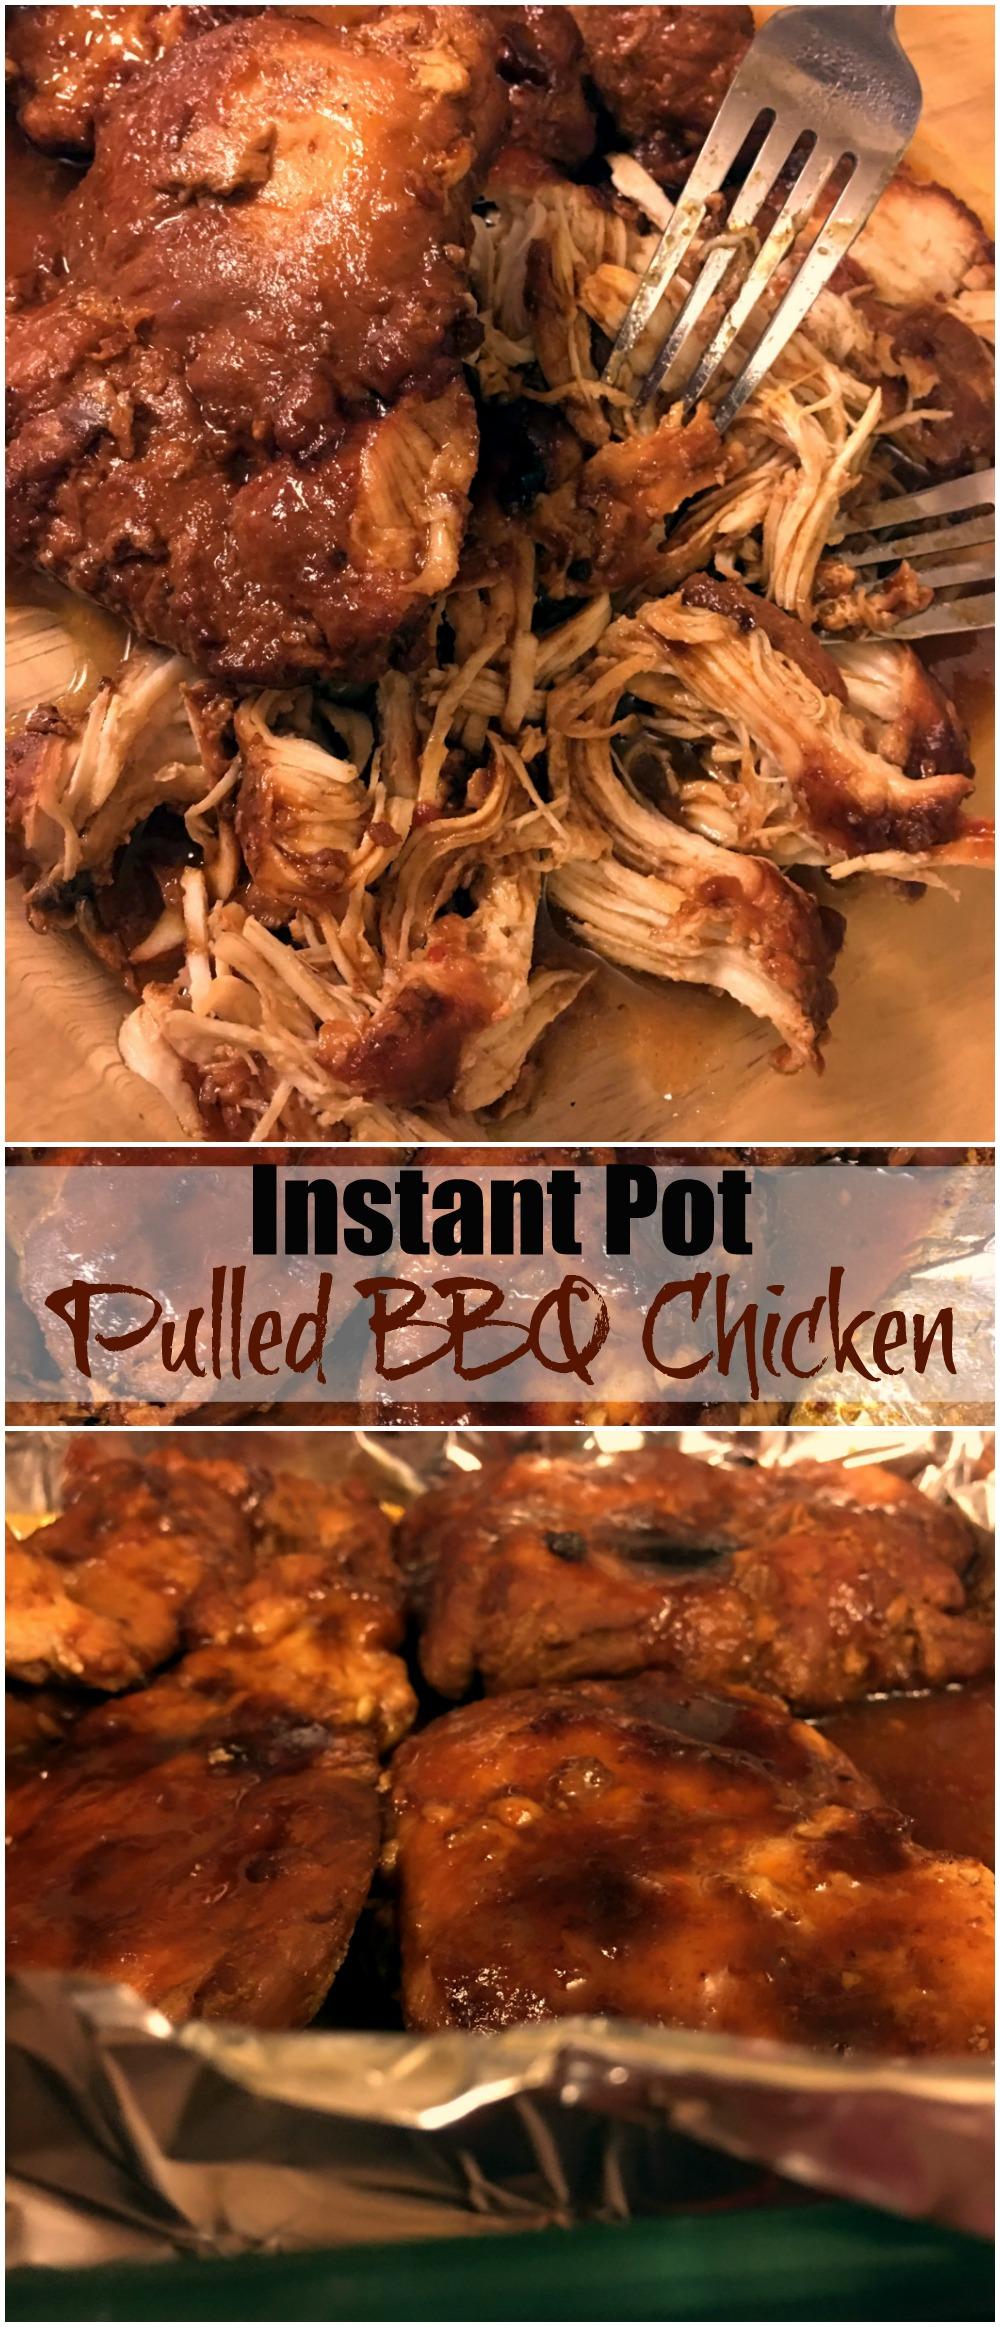 Instant Pot Shredded Bbq Chicken Recipes